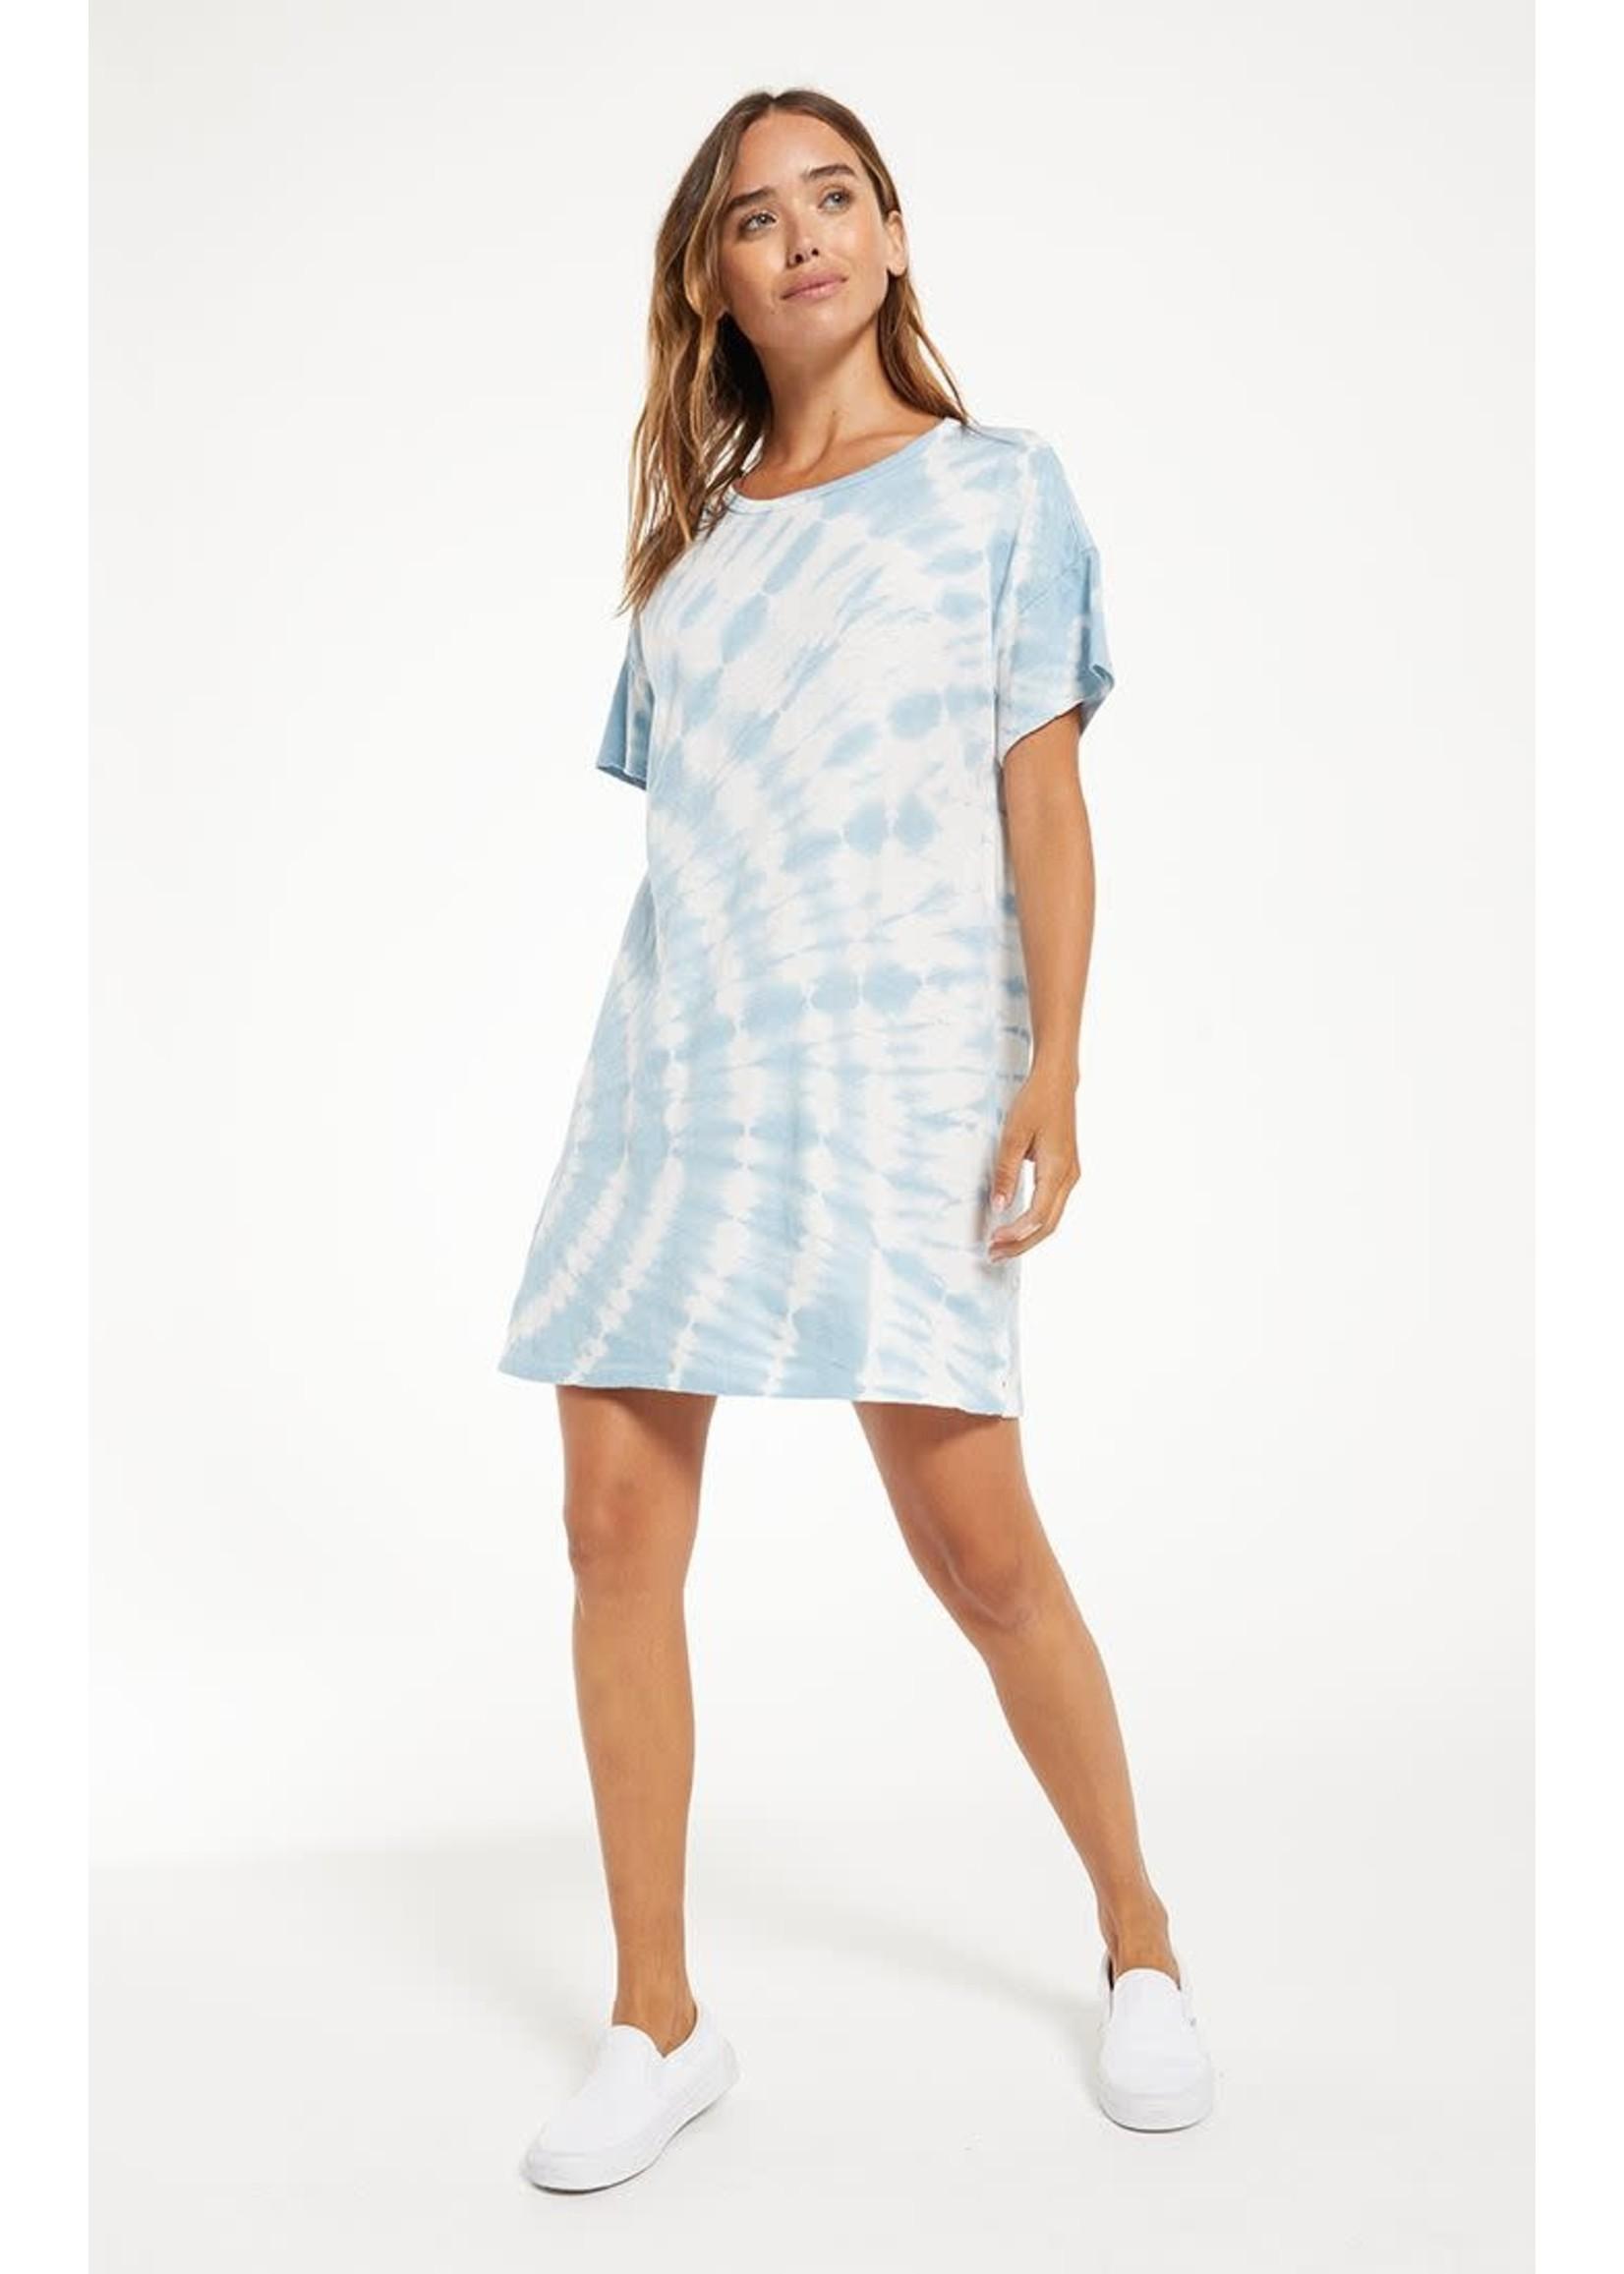 Z Supply Launa Tie Dye Dress